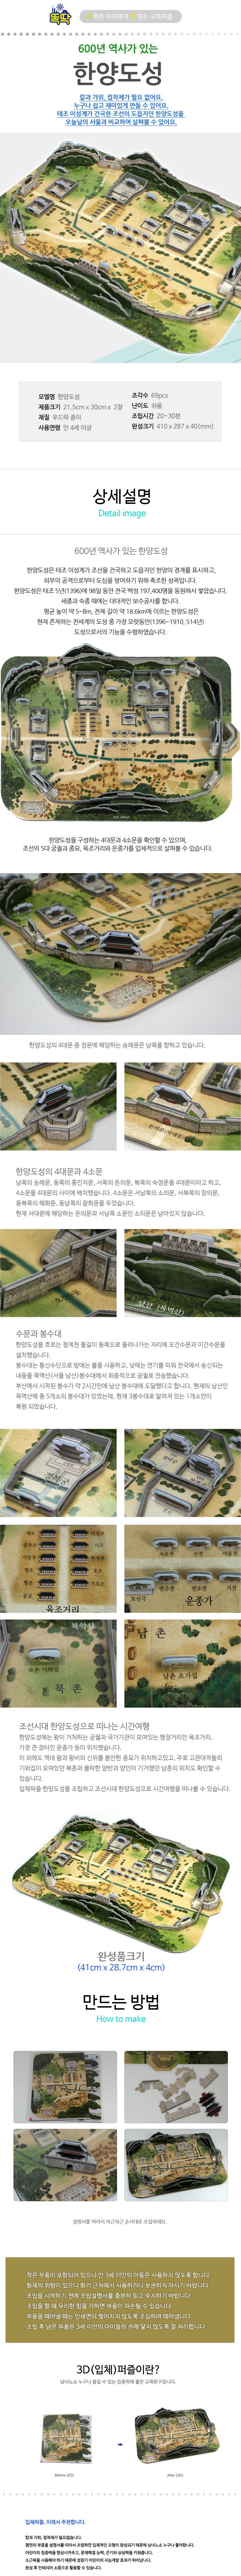 입체퍼즐 600년 역사의 한양도성 - 종이로예쁜, 7,650원, 조각/퍼즐, 3D입체퍼즐